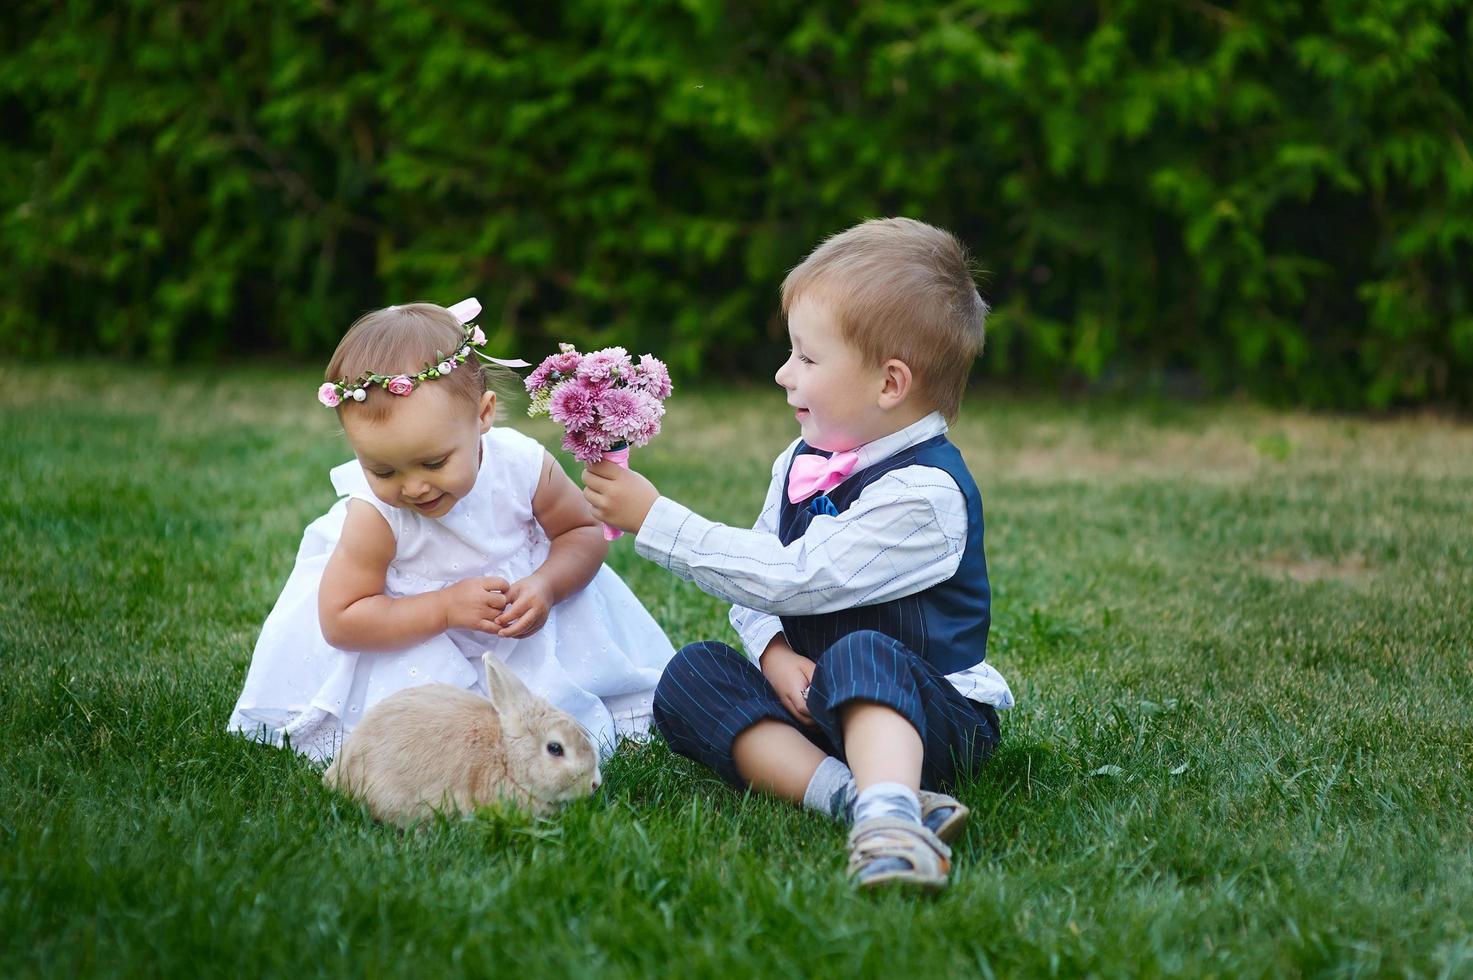 Junge gibt jungem Mädchen einen Blumenstrauß foto